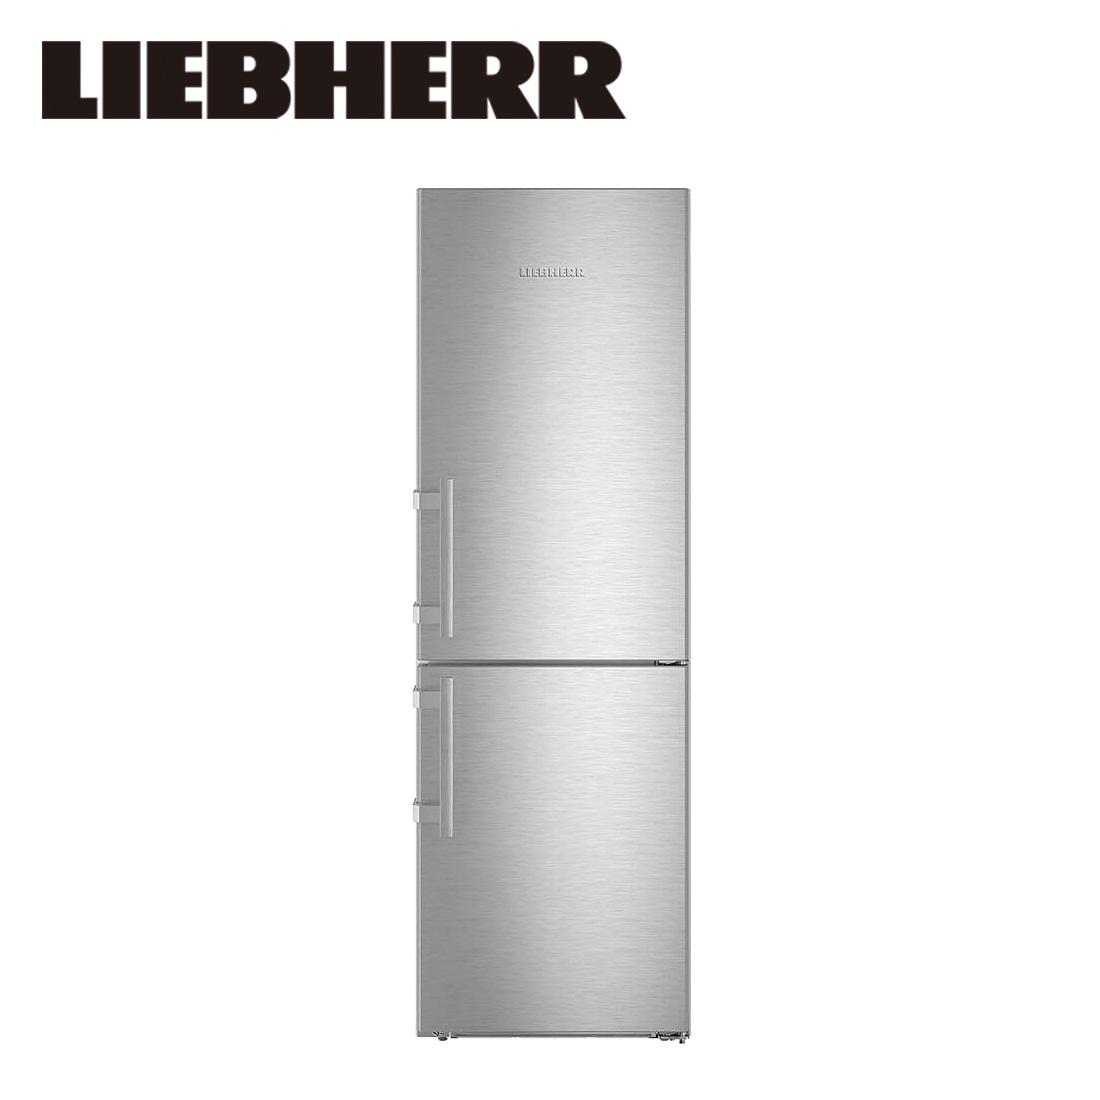 【一都三県は送料・開梱設置無料】リープヘル 冷蔵庫 LIEBHERR CNef4335 Comfort フリースタンディング Freestanding Fridge-Freezer 冷凍庫【代引不可】